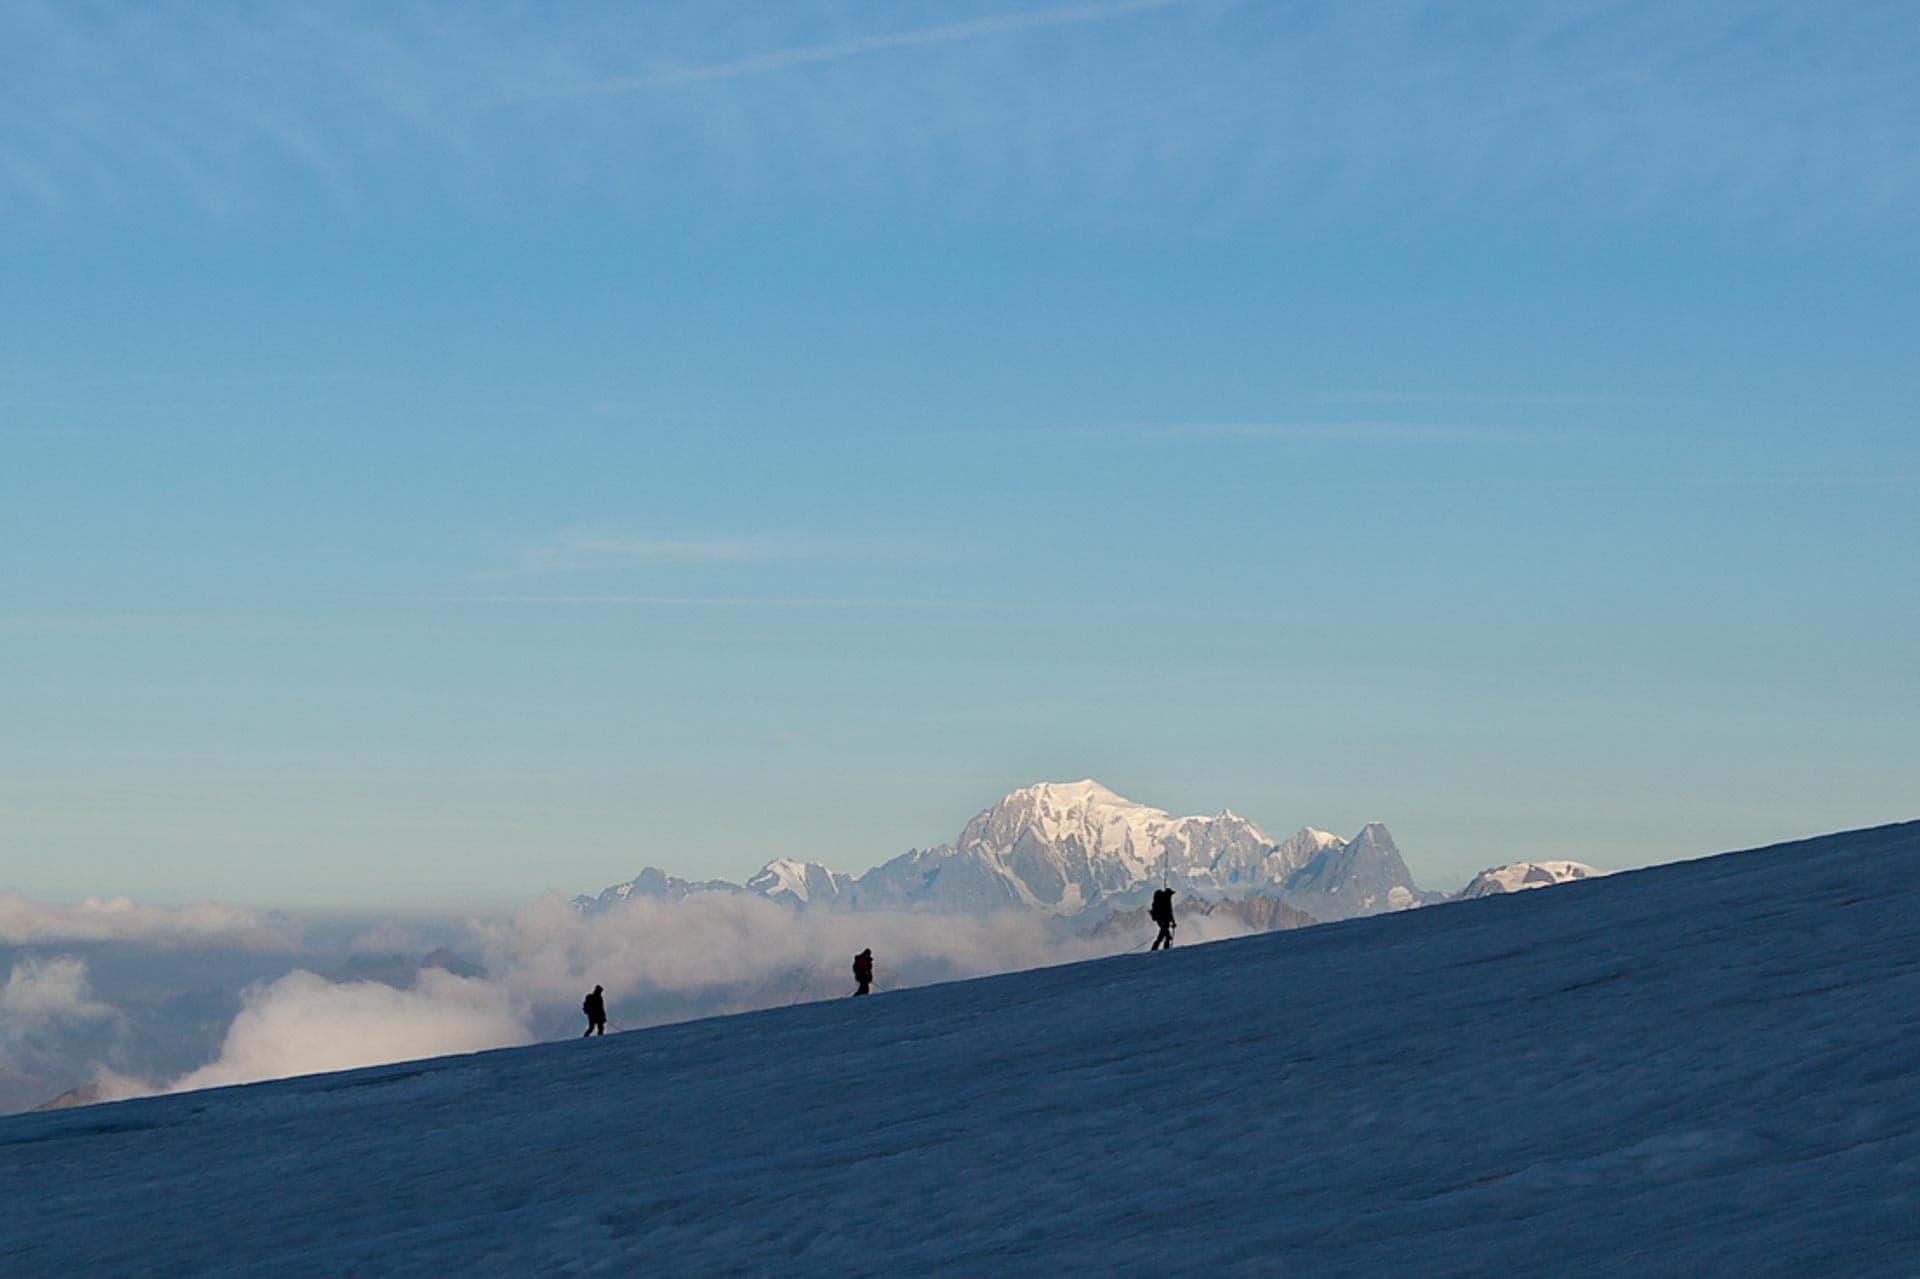 Mont Blanc im Hintergrund